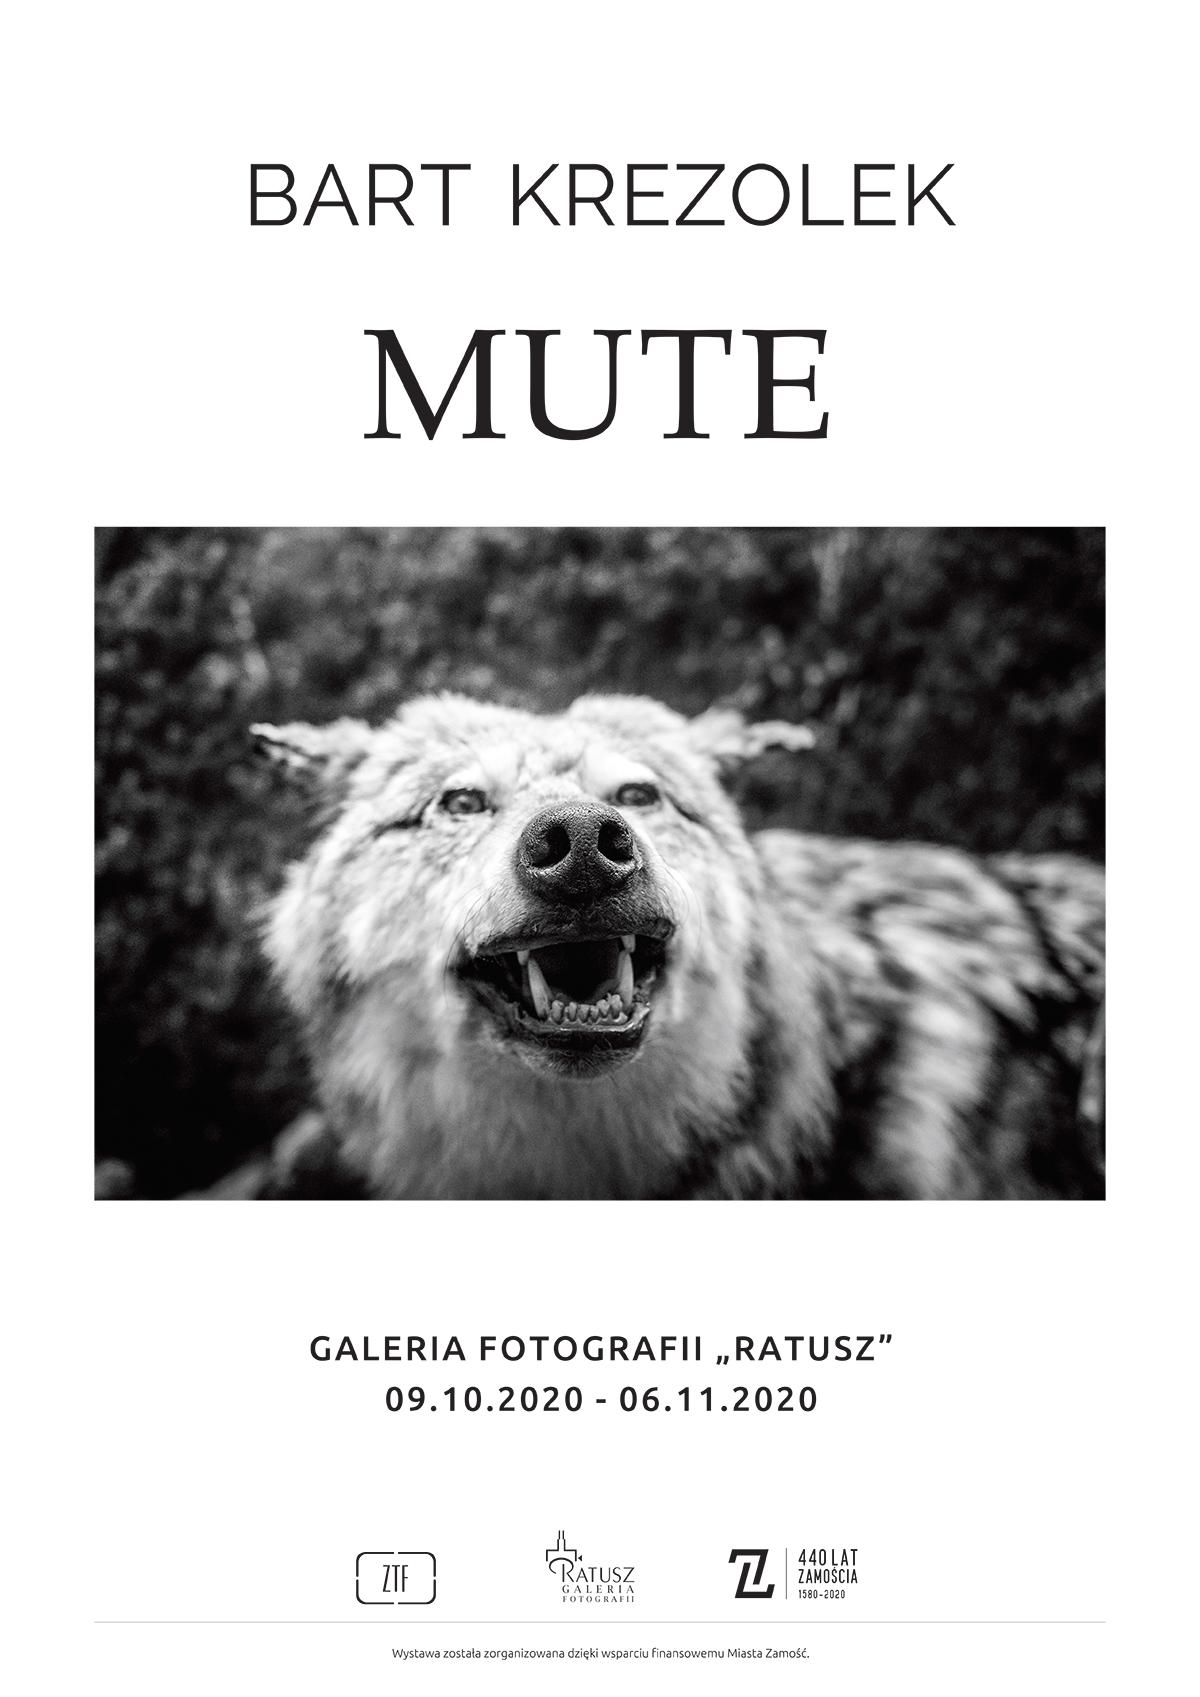 krezolek plakat Zamość: Otwarcie wystawy fotografii Bartka Krężołka pt. MUTE.